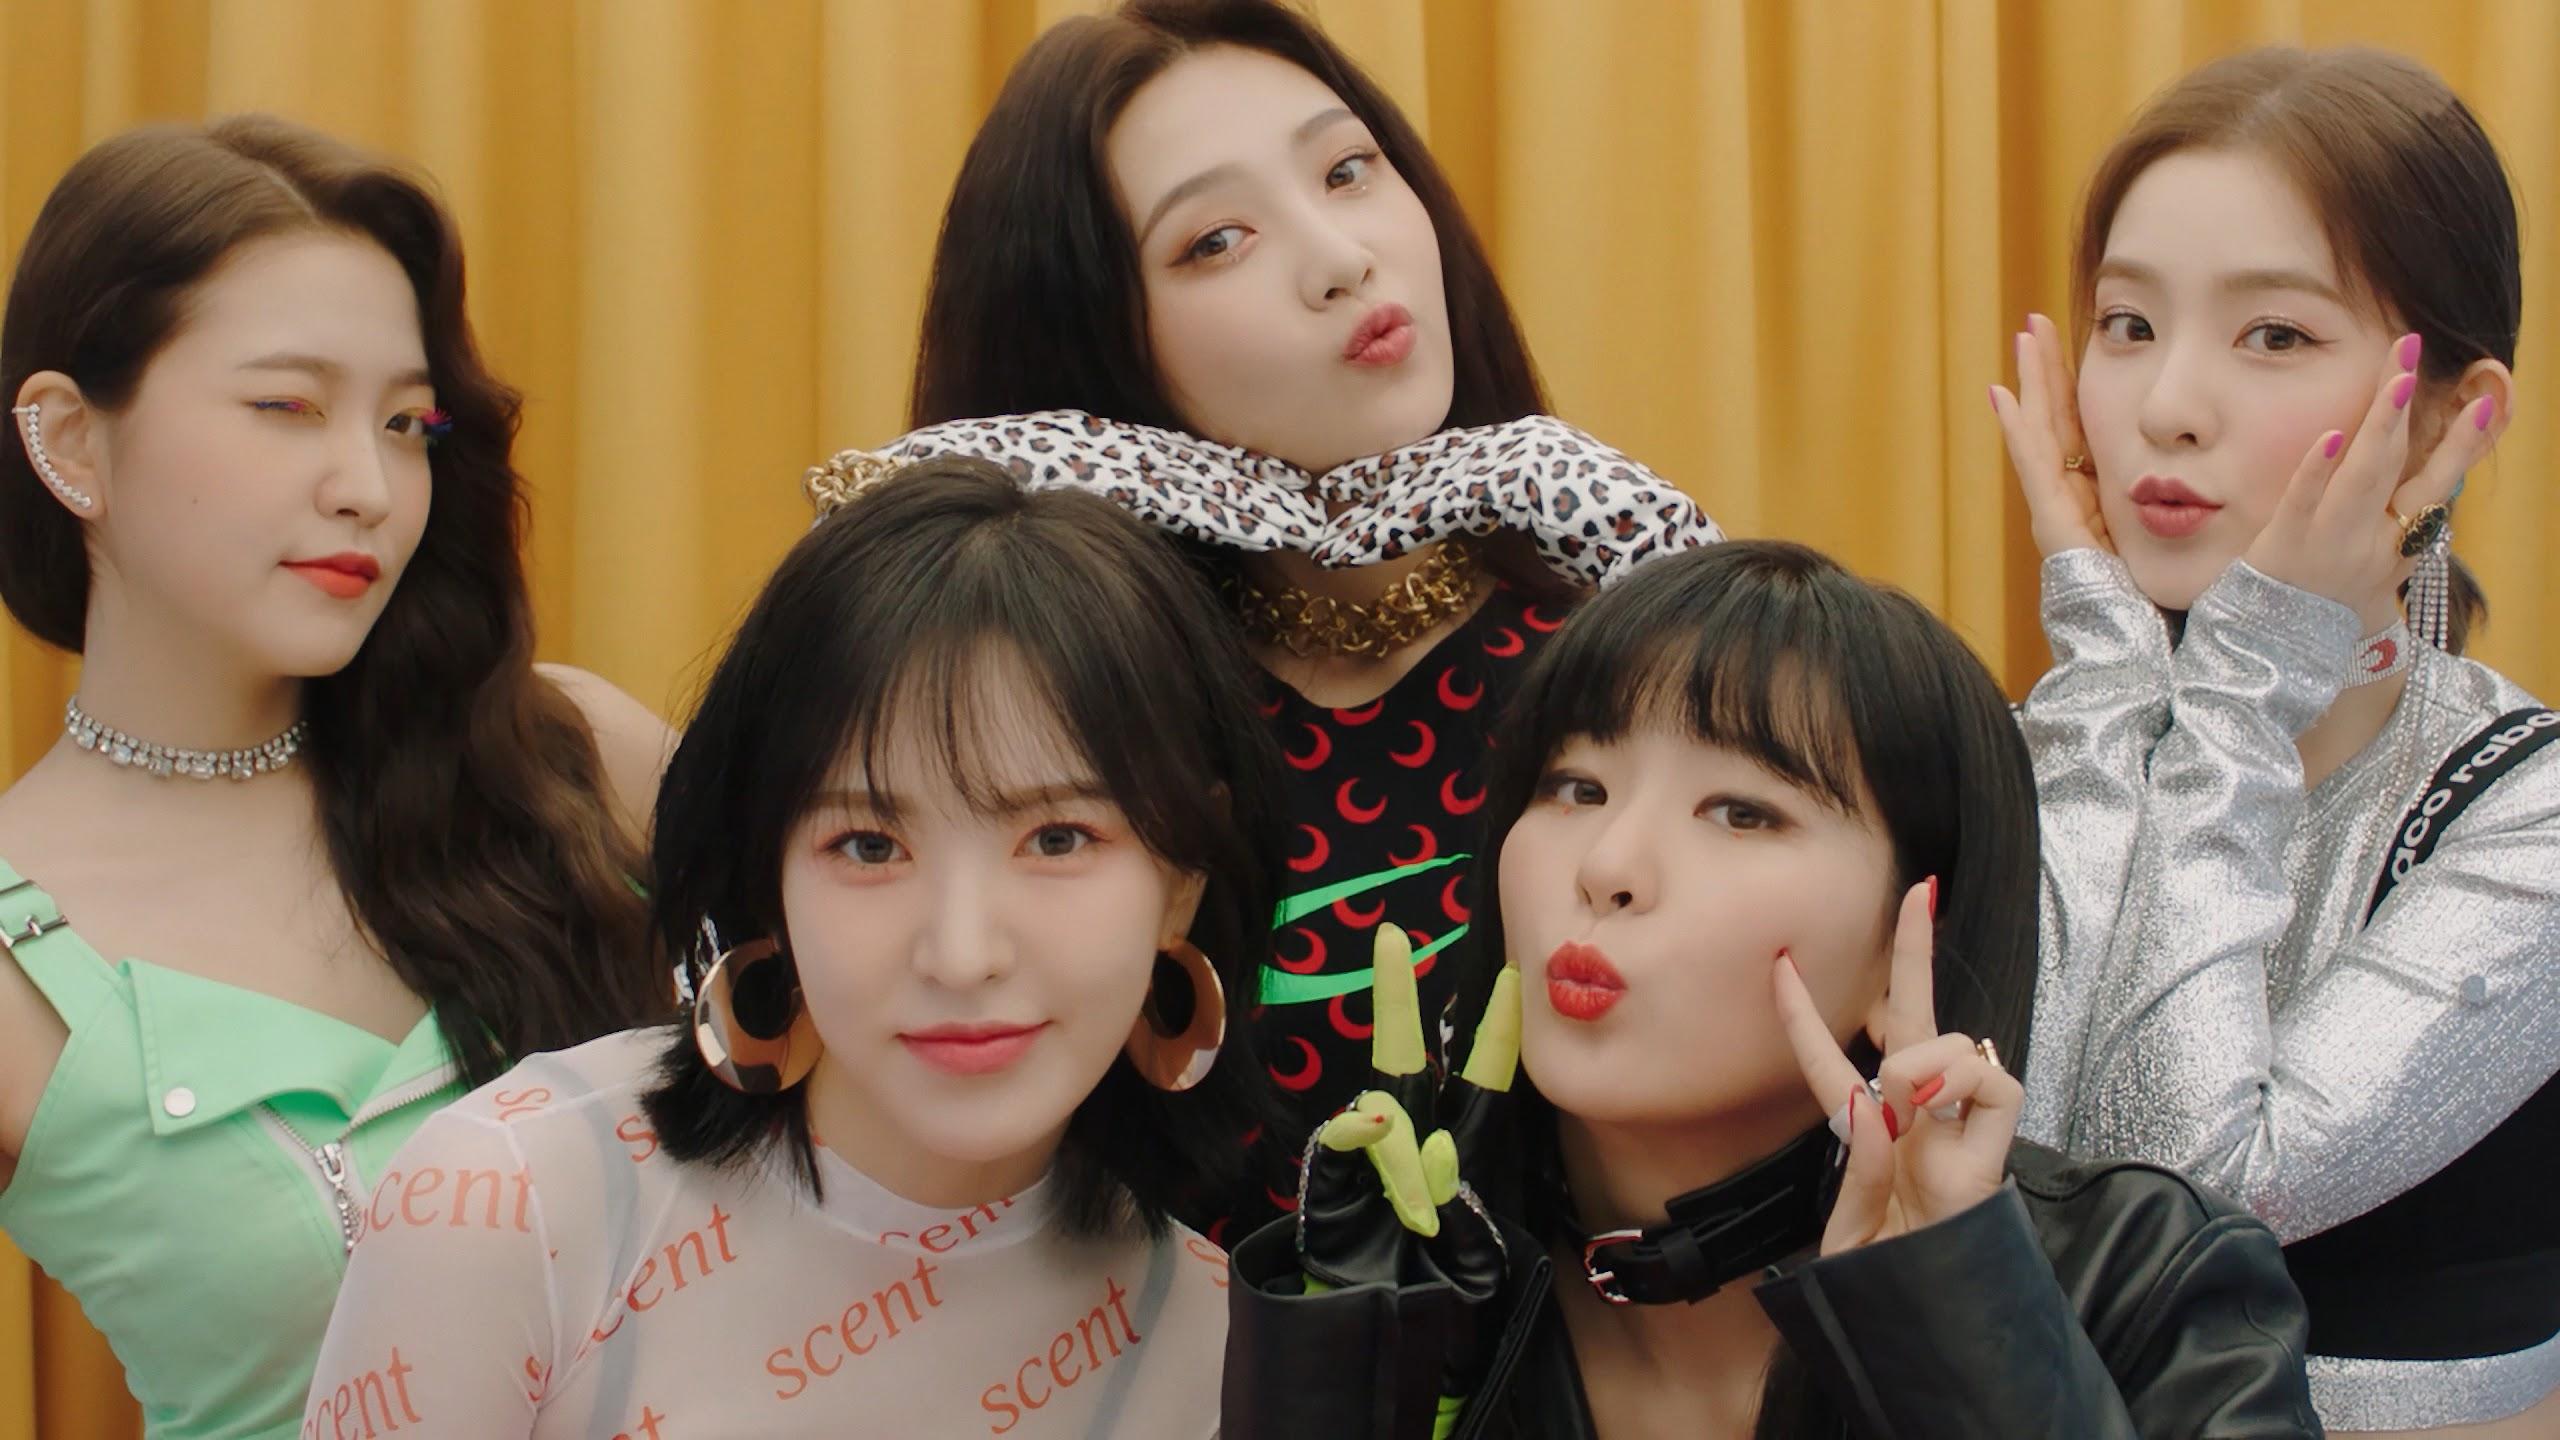 Red Velvet Zimzalabim Yeri Joy Irene Wendy Seulgi 4k Wallpaper 106